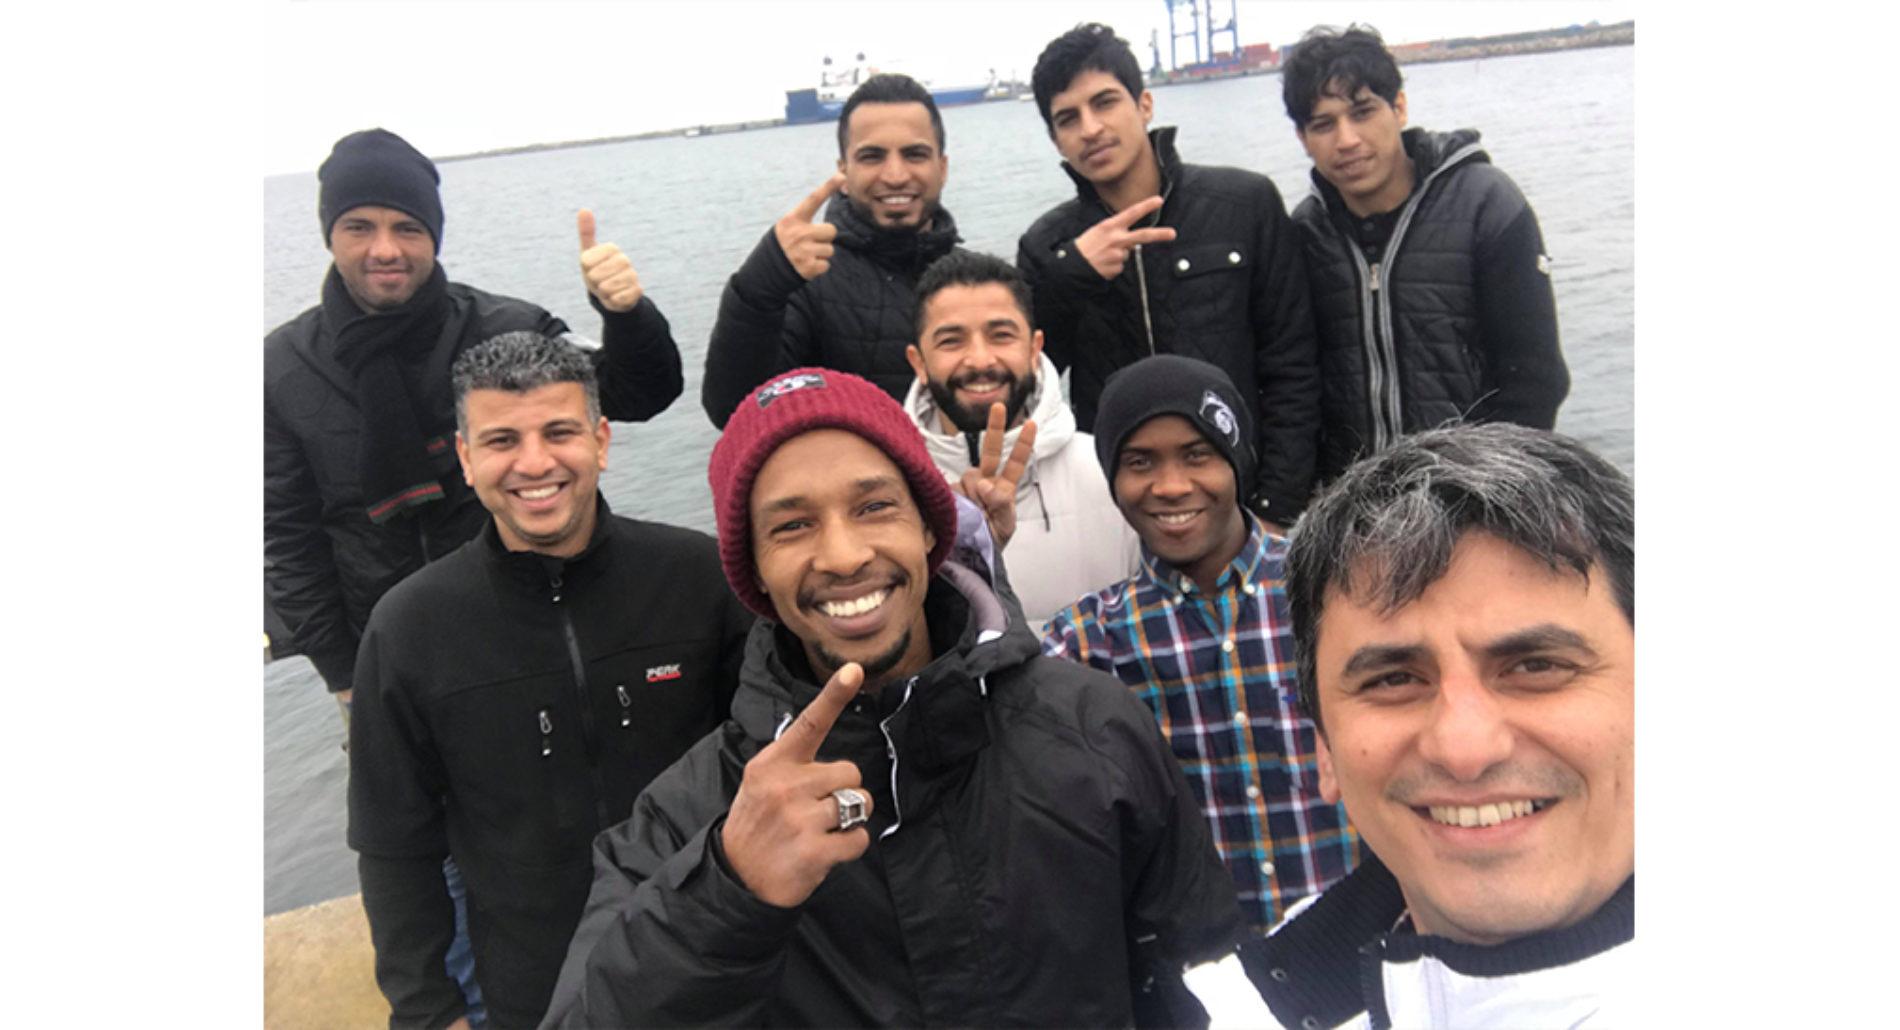 Arbetsmarknadsprojekt i Skåne i full gång